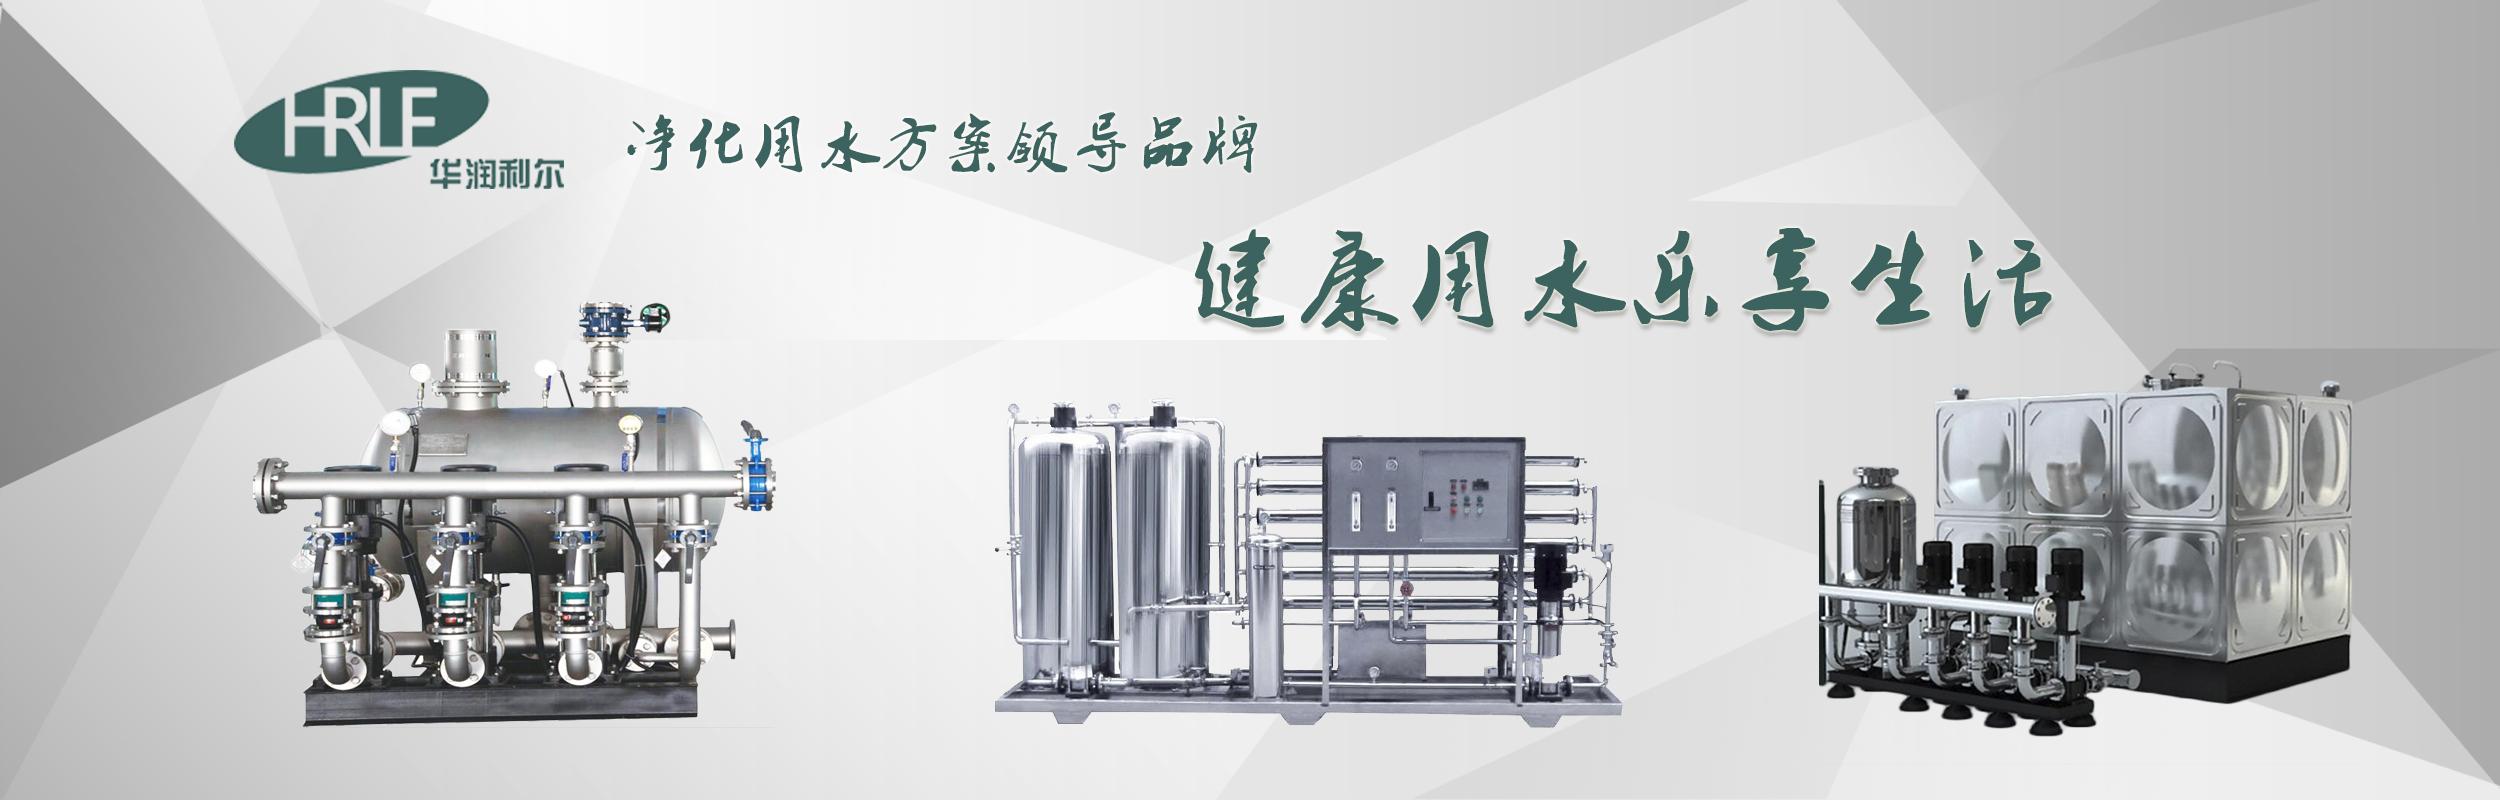 青岛水处理设备厂家